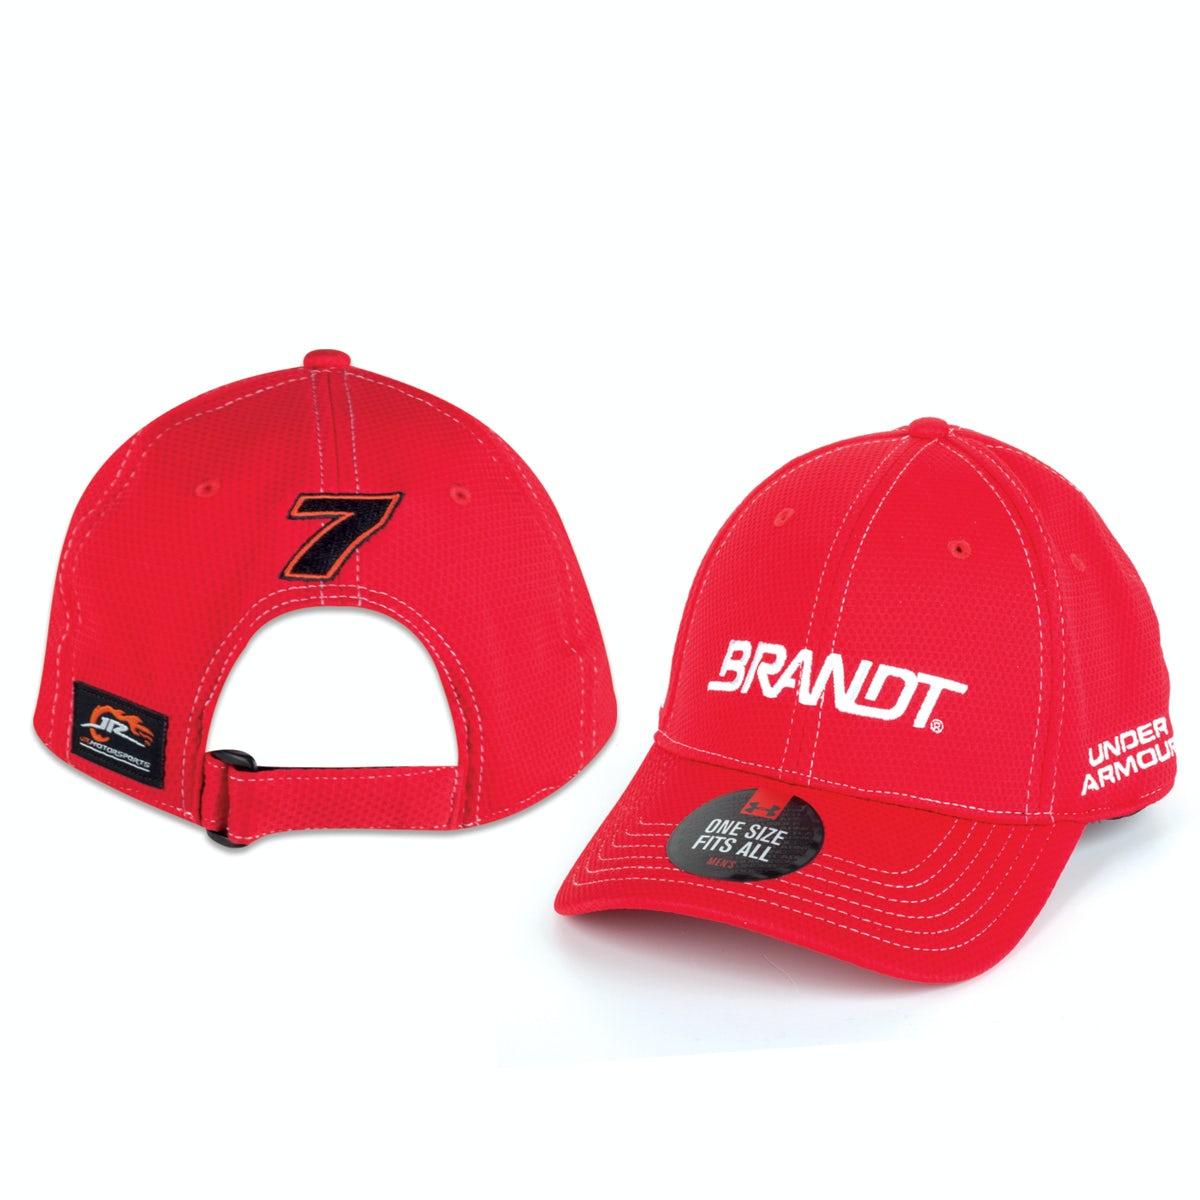 NASCAR Justin Allgaier Vintage Trucker Hat One Size Fits Most Red//Black Brandt